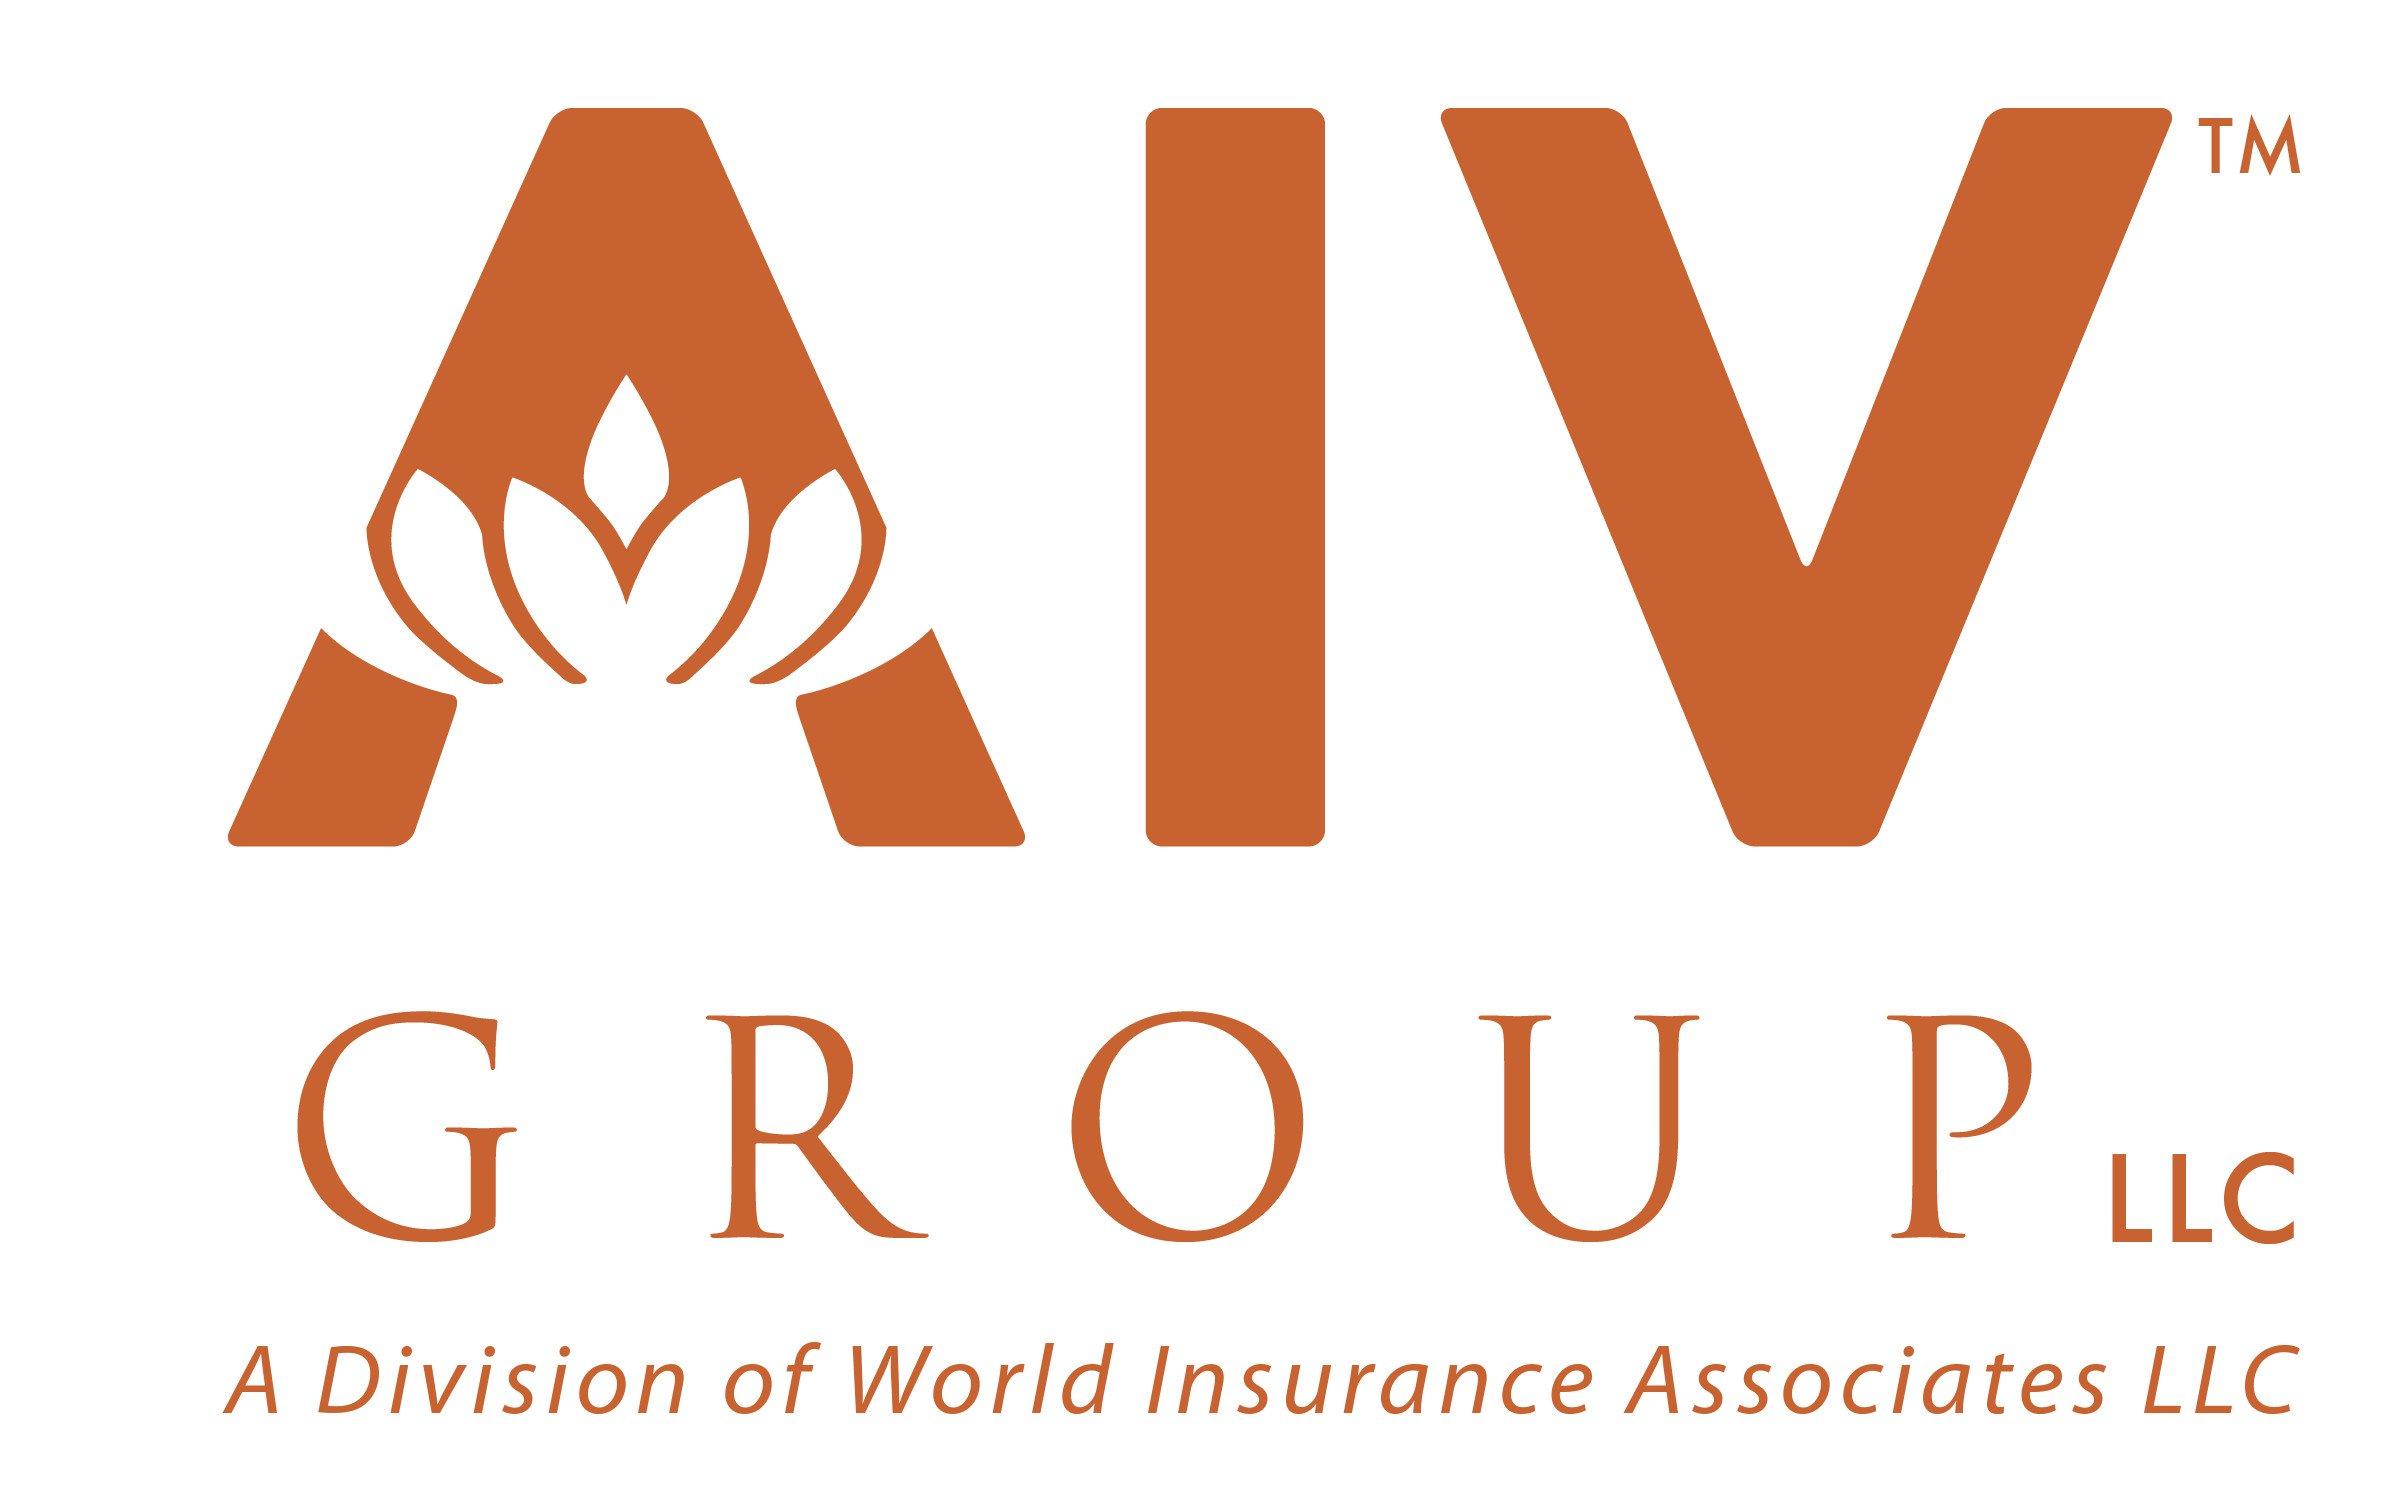 FINAL_AIV_LOGO_ORANGE_W_TM_AND_LLC_A_DIV_OF_no_trim.jpg